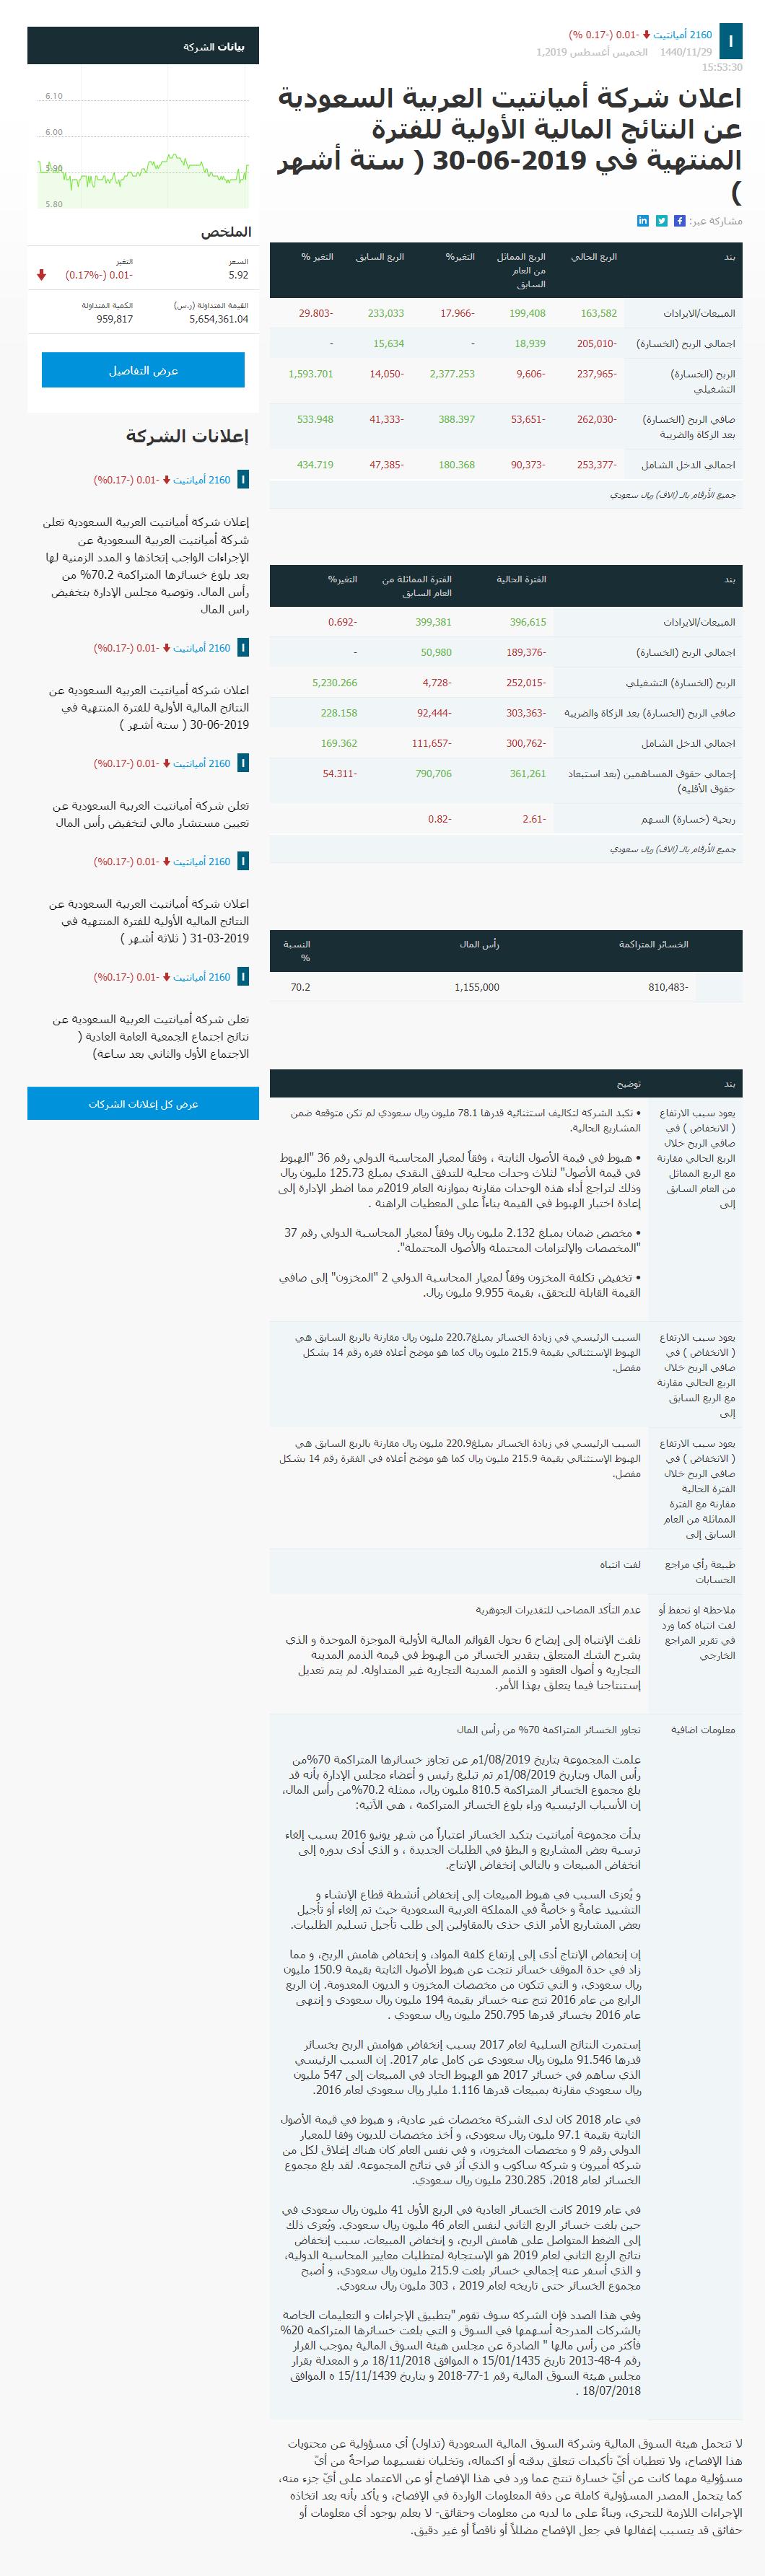 Tadawul Arabic